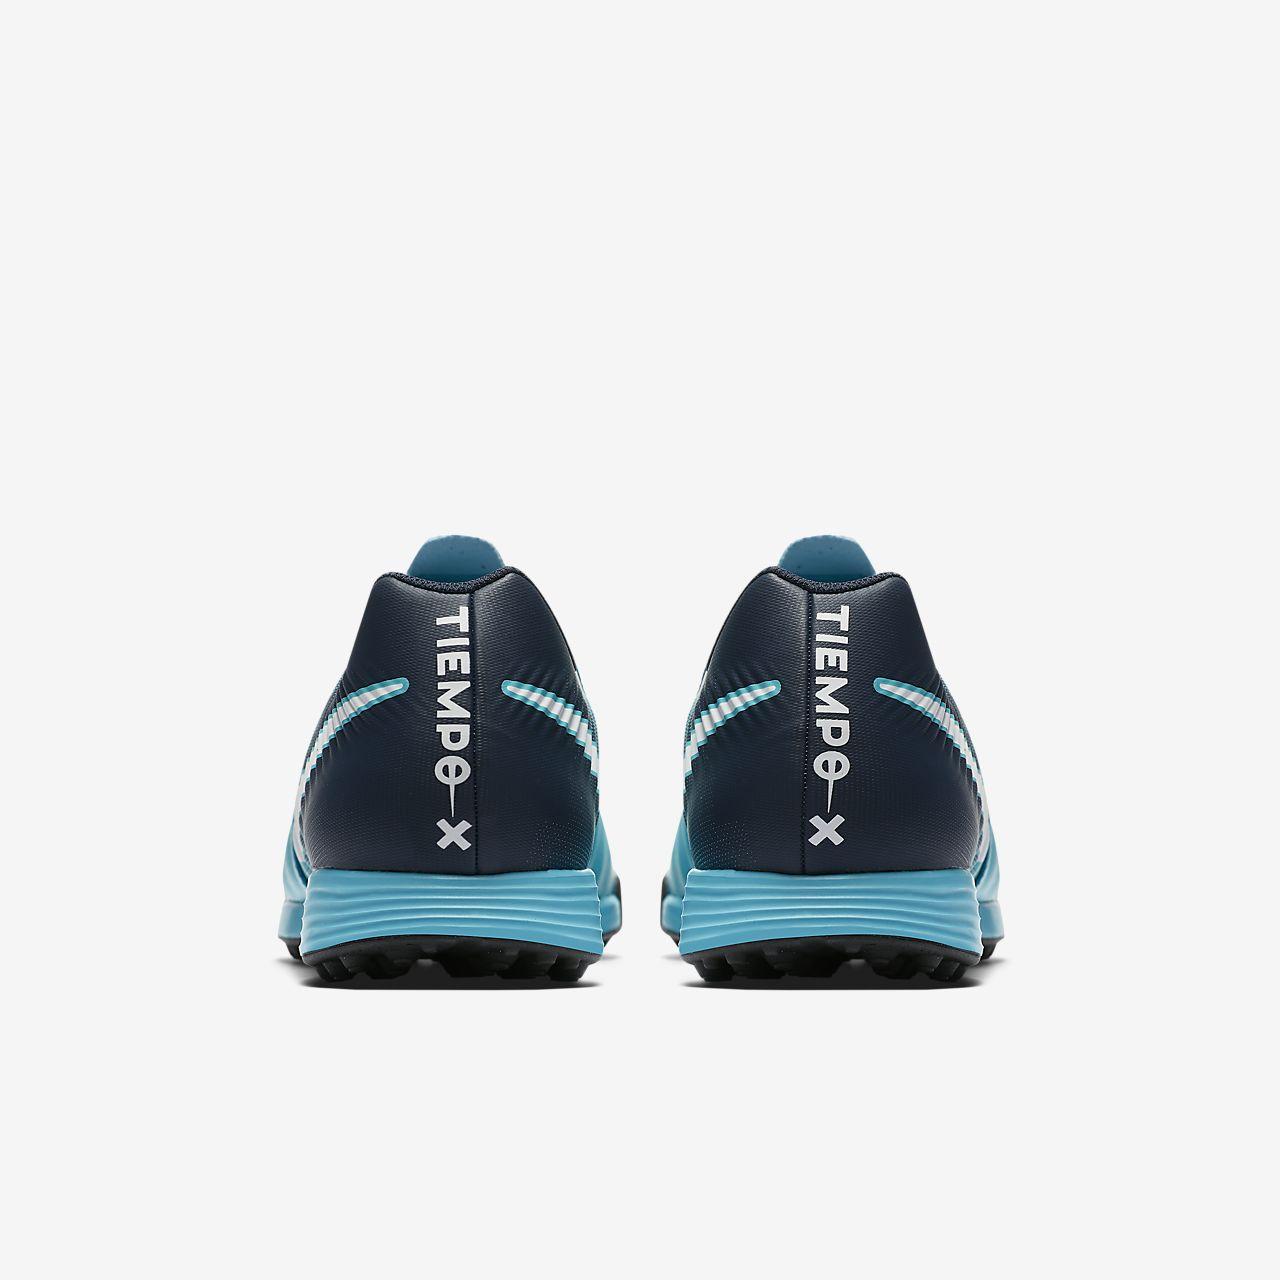 ... black metallic vivid; nike tiempox ligera iv artificial turf soccer shoe